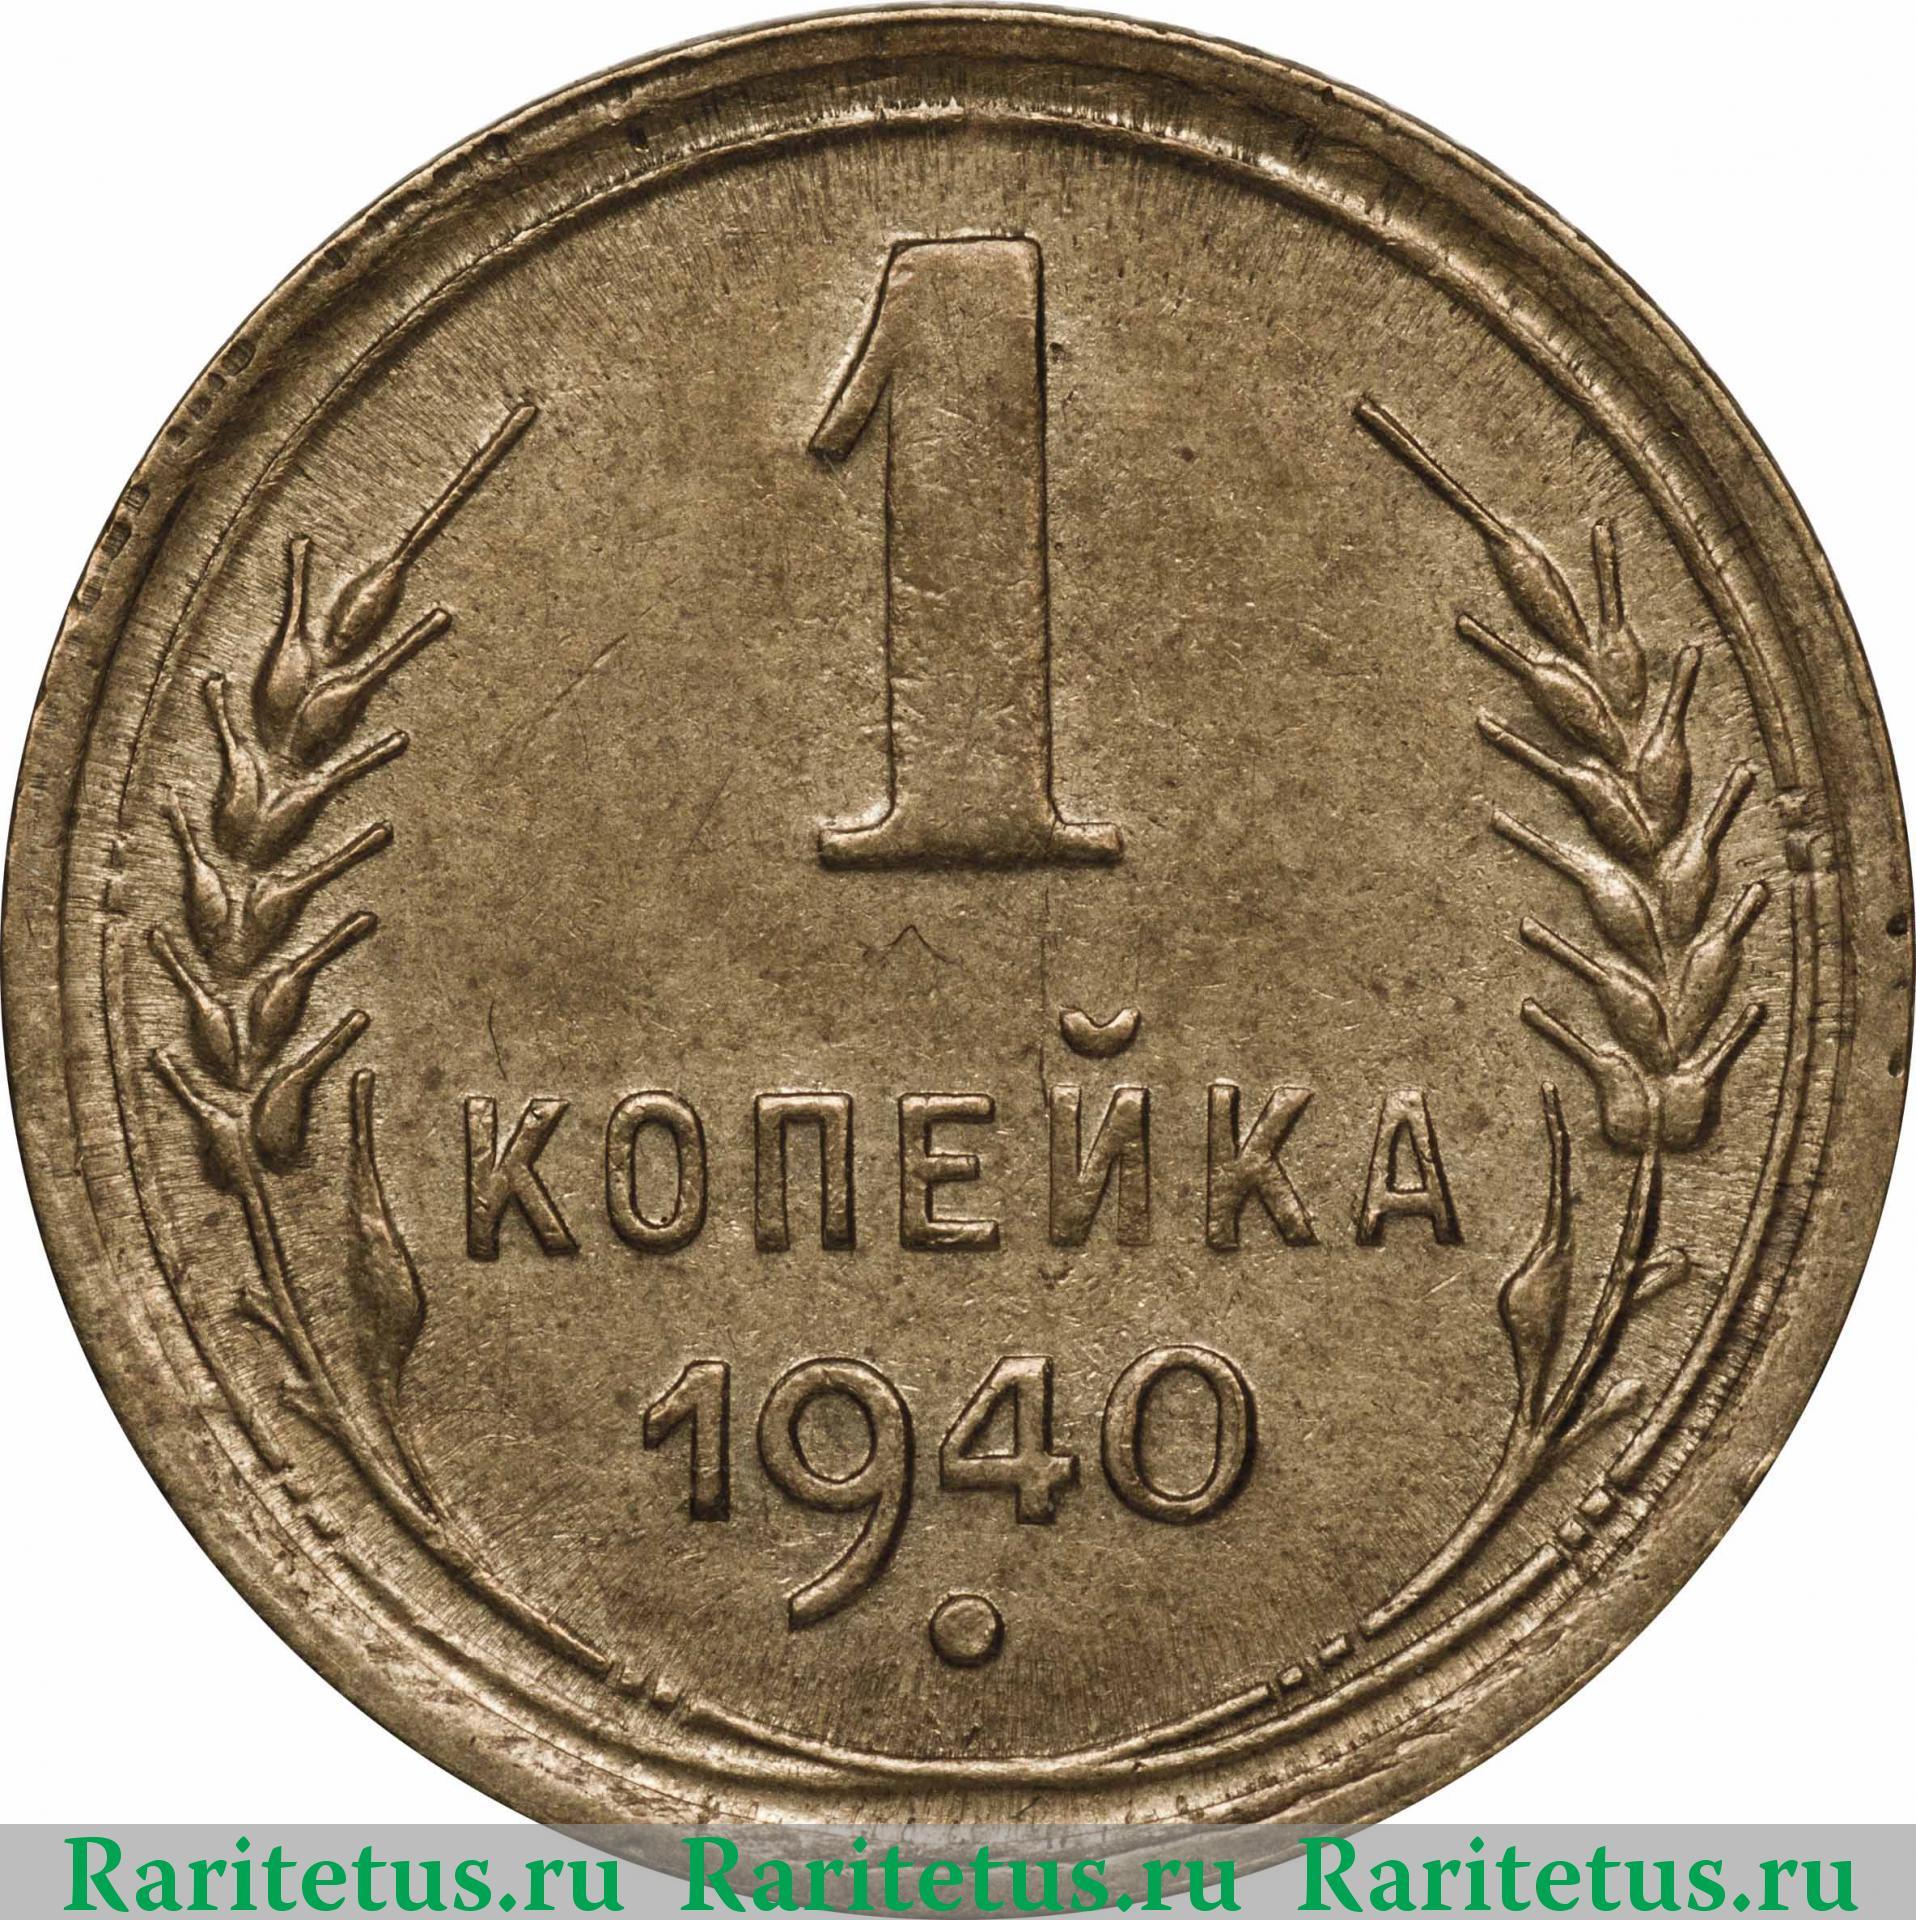 1 условная единица в рублях 20 центов 1997 года стоимость